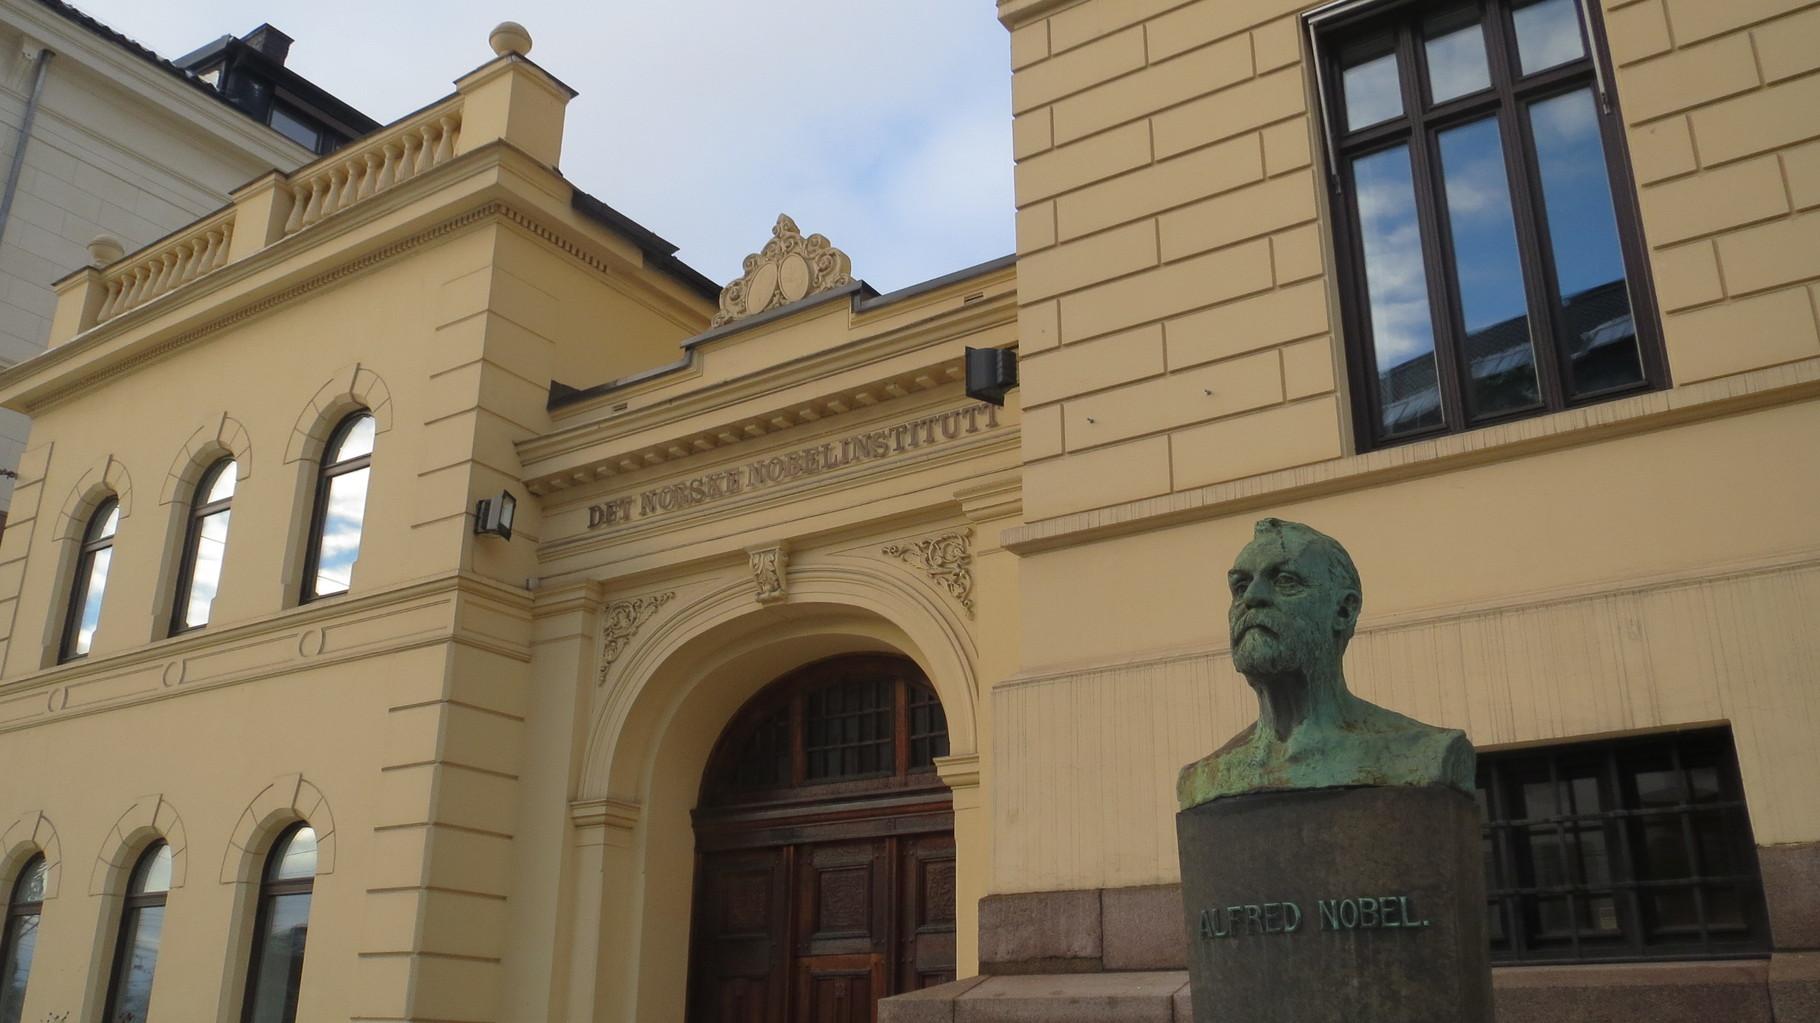 Nobelinstitut in Oslo - zuständig für den Friedensnobelpreis.